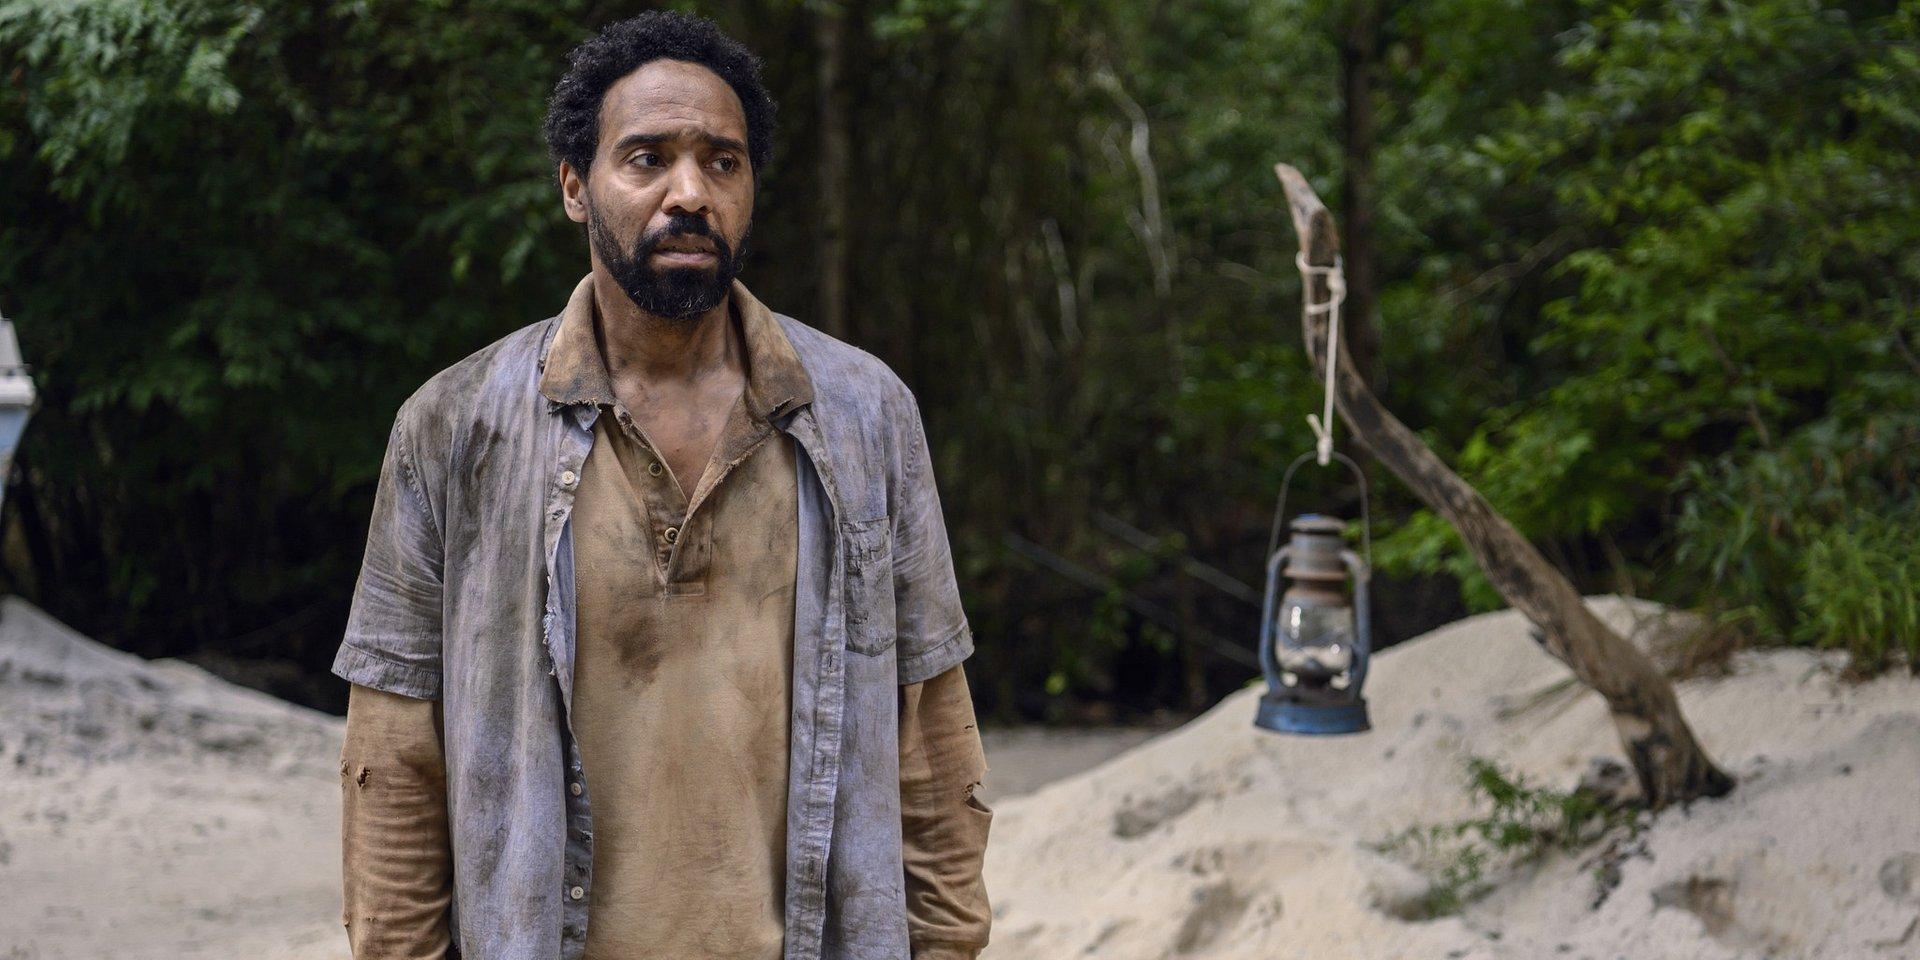 FOX ujawnia kolejną ciekawostkę na temat 10. sezonu The Walking Dead!